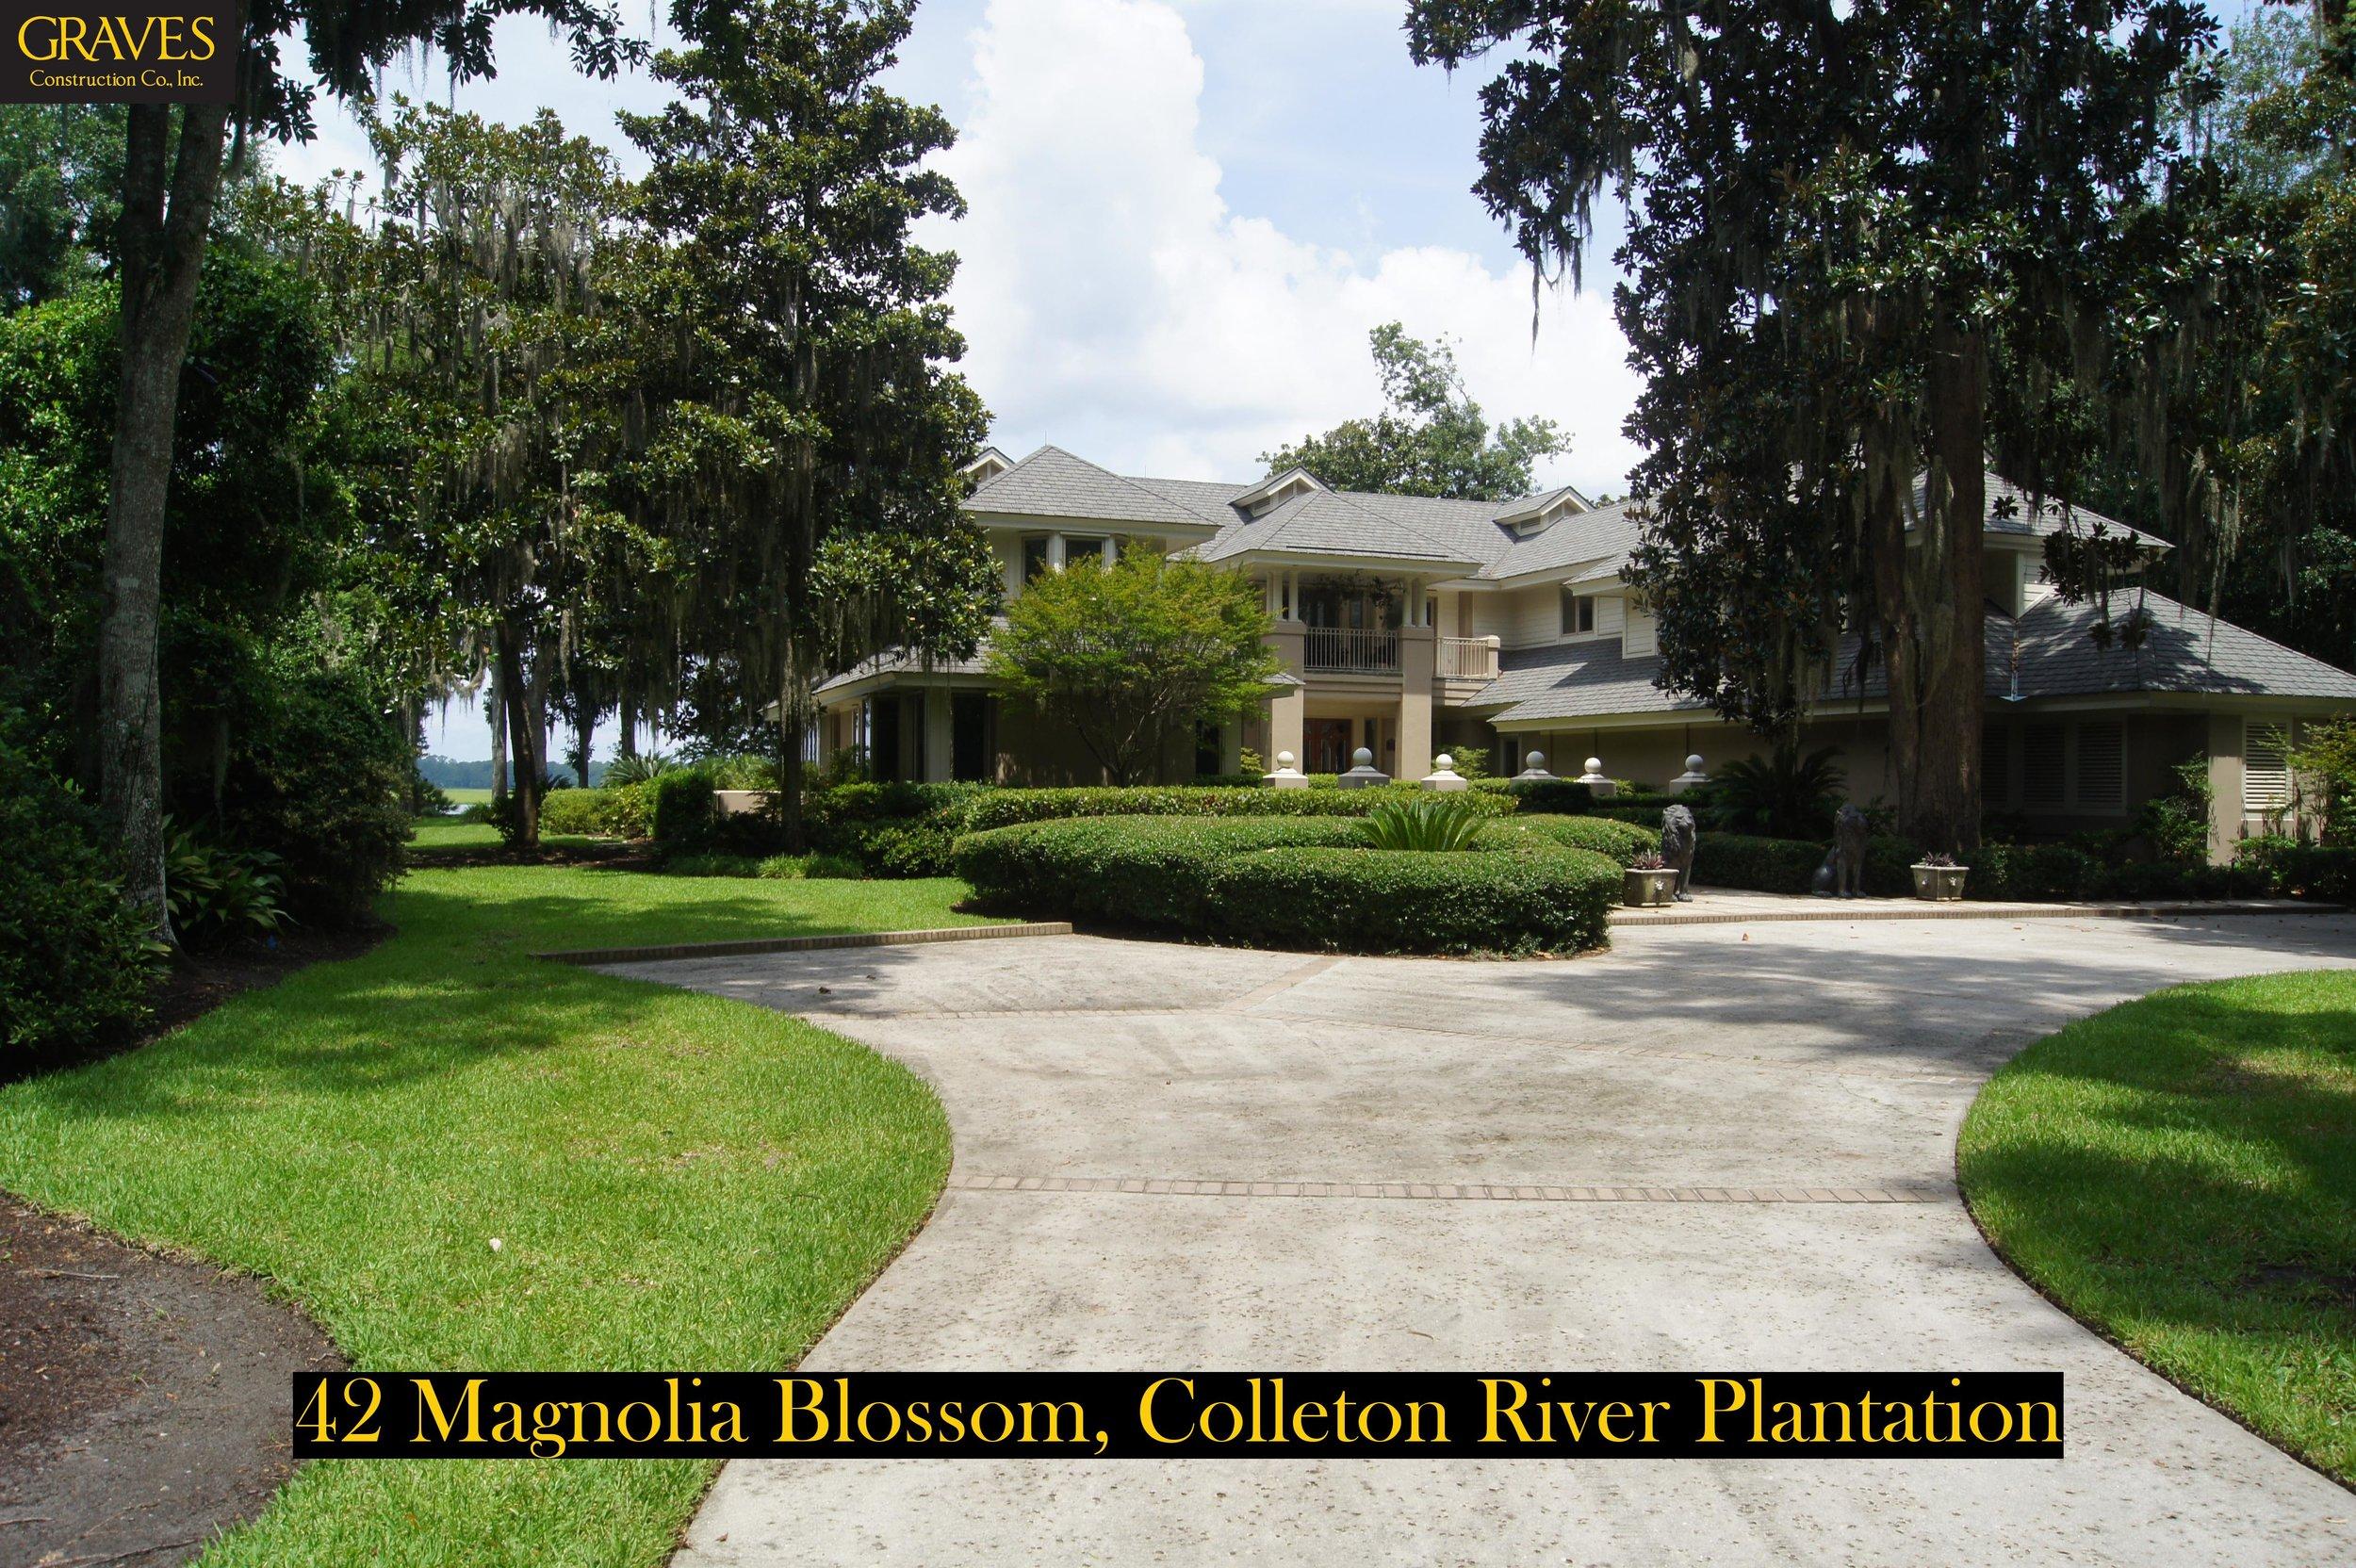 42 Magnolia Blossom - 2